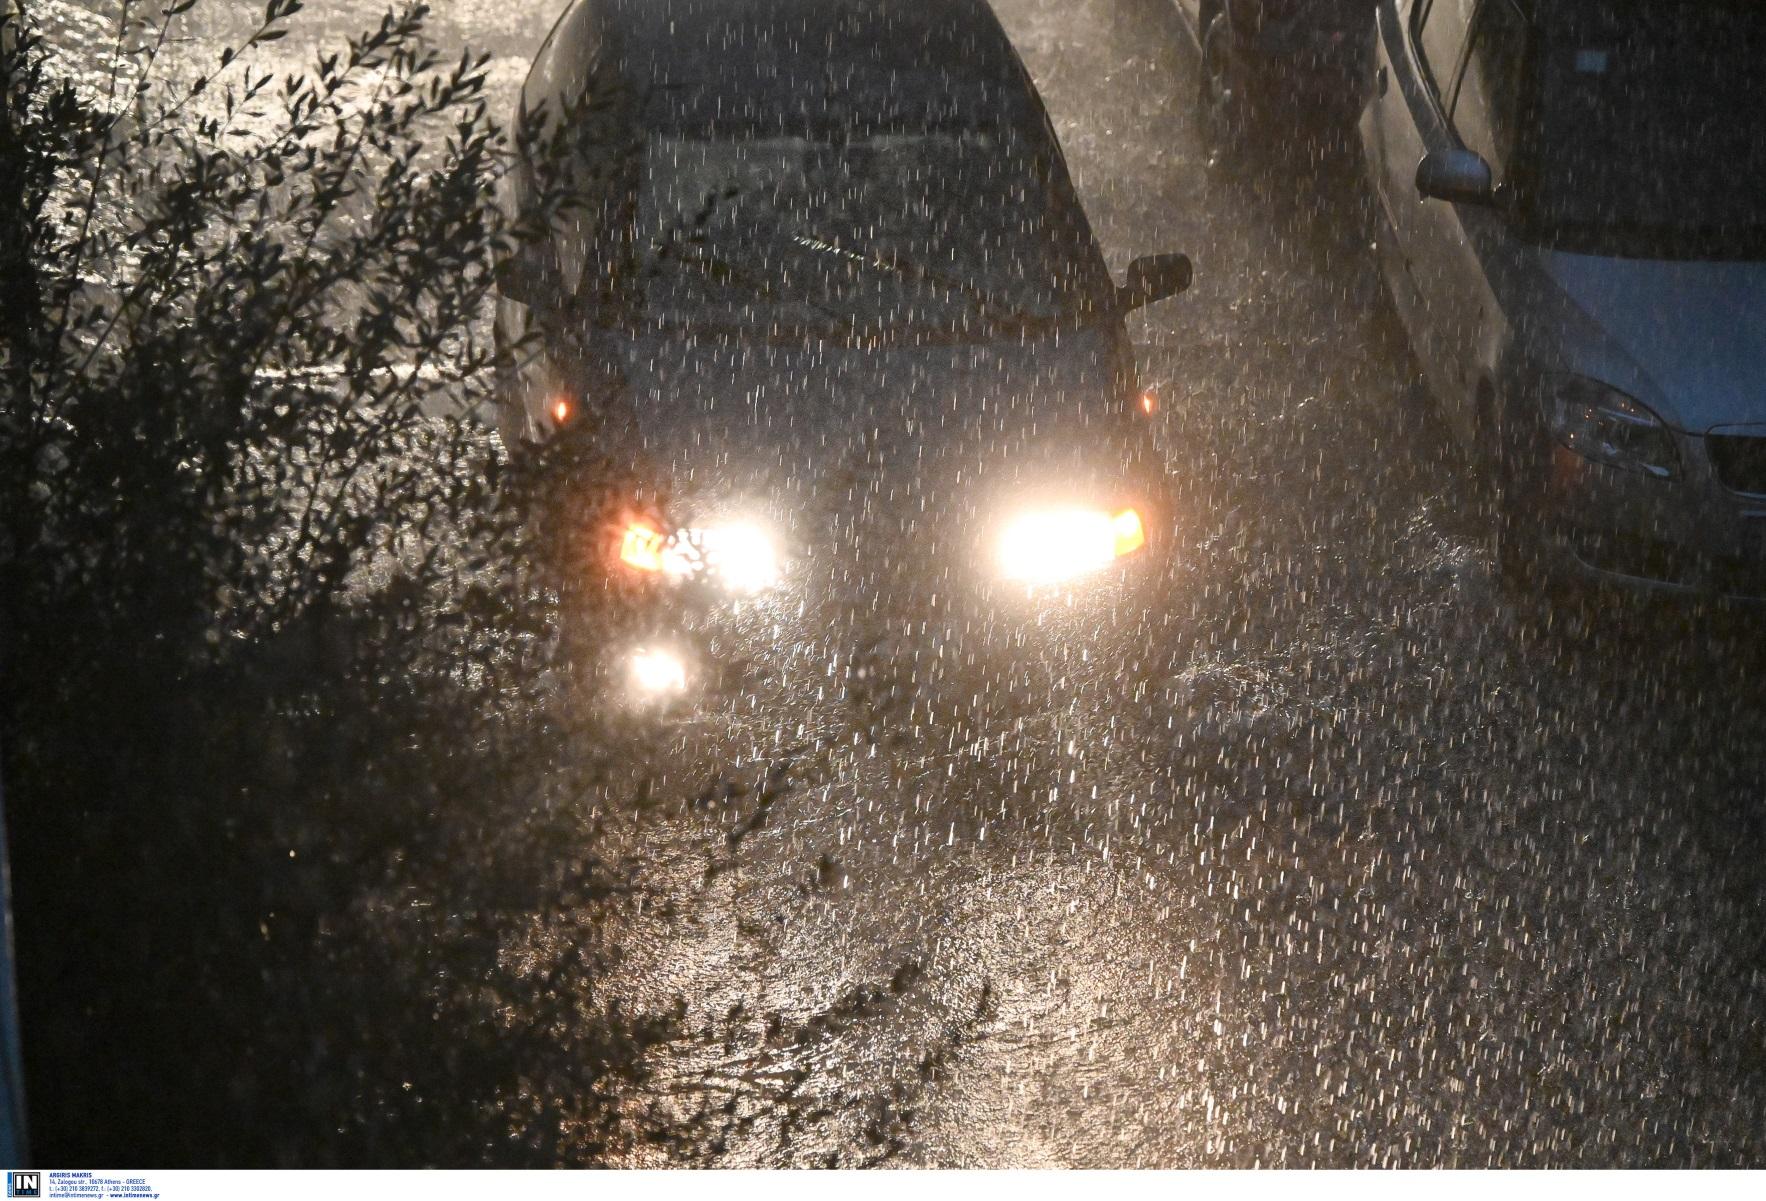 Καιρός – Ο Κλέαρχος Μαρουσάκης προειδοποιεί για ισχυρή κακοκαιρία και κίνδυνο για πλημμύρες